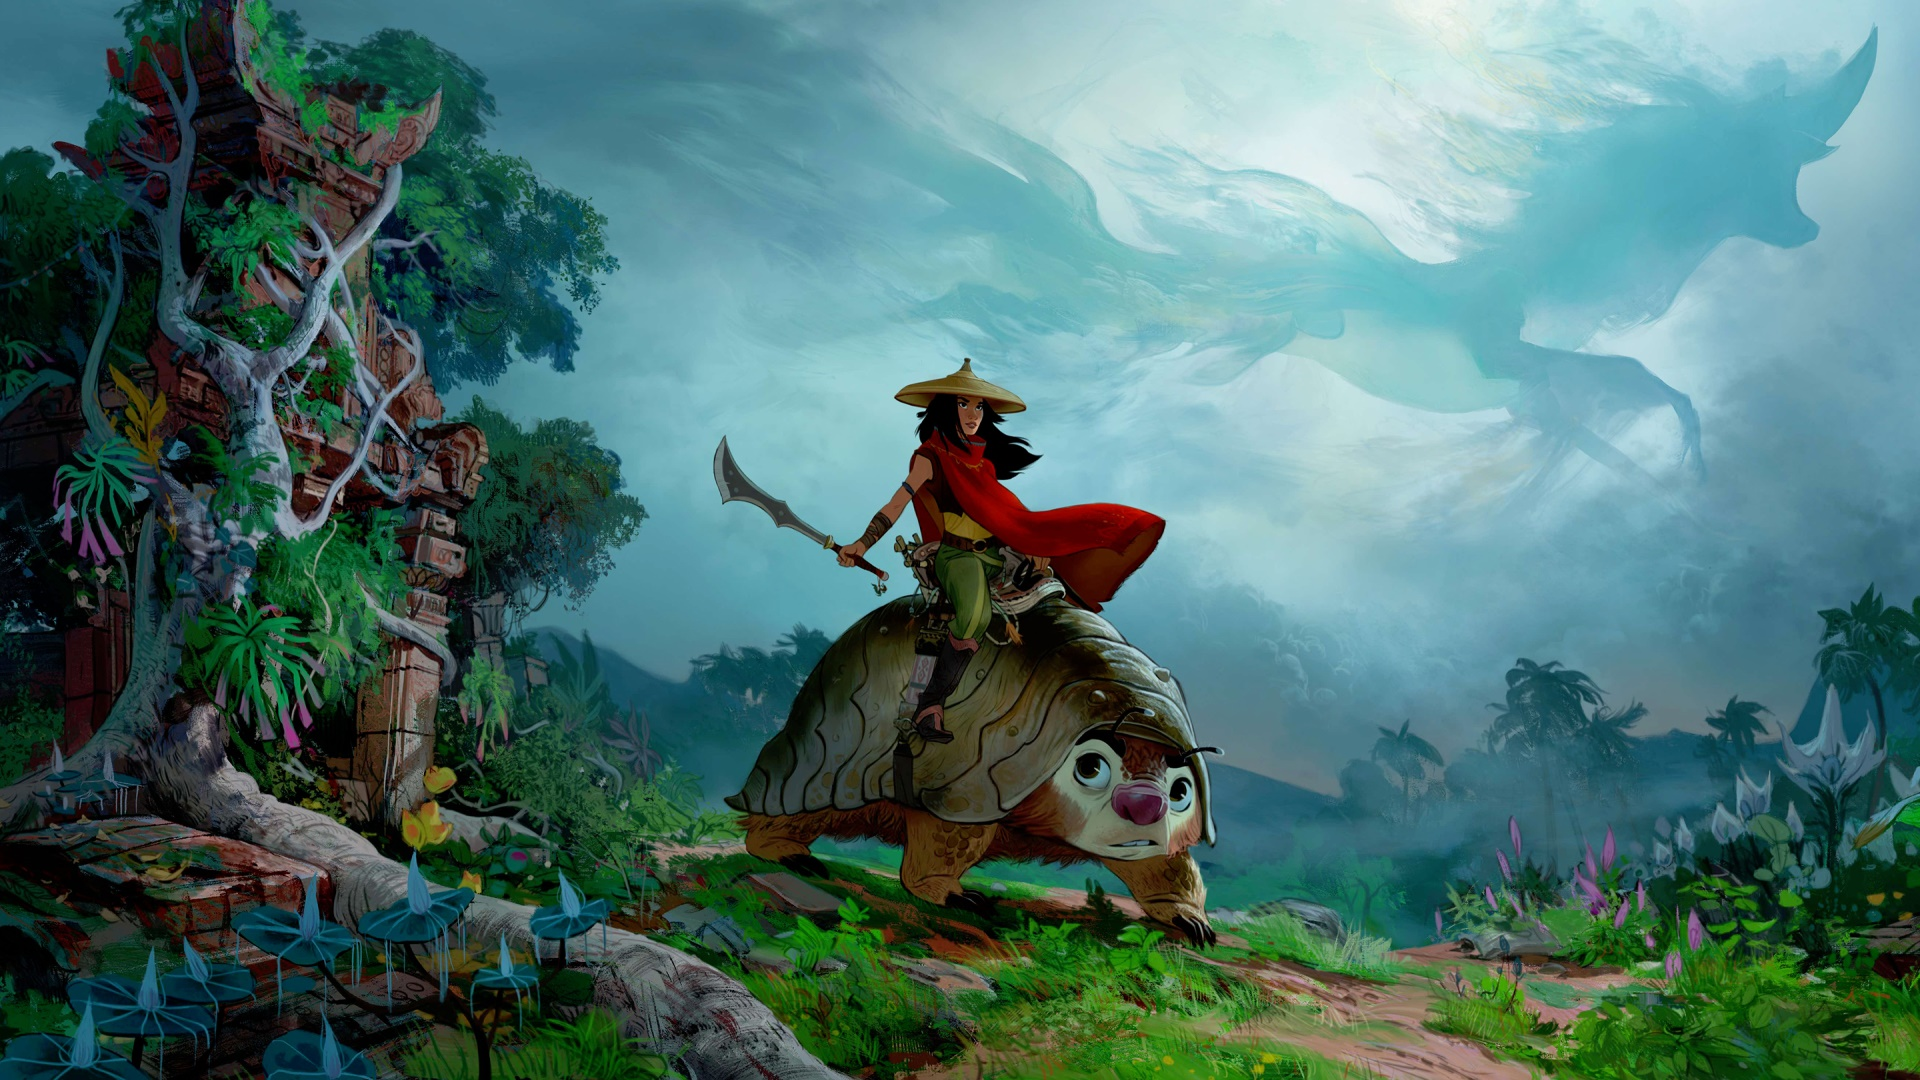 O cenário é uma floresta, com construções antigas cobertas por vegetação. No centro da imagem está uma Raya, uma mulher de pele clara, com um chapéu de palha em formato de disco, uma capa vermelha balançando ao vento, uma calça verde, e empunhando uma espada. Ela está montada em uma espécie de tatu bola gigante, com uma cela. No céu, forma-se a imagem de um dragão nas nuvens.